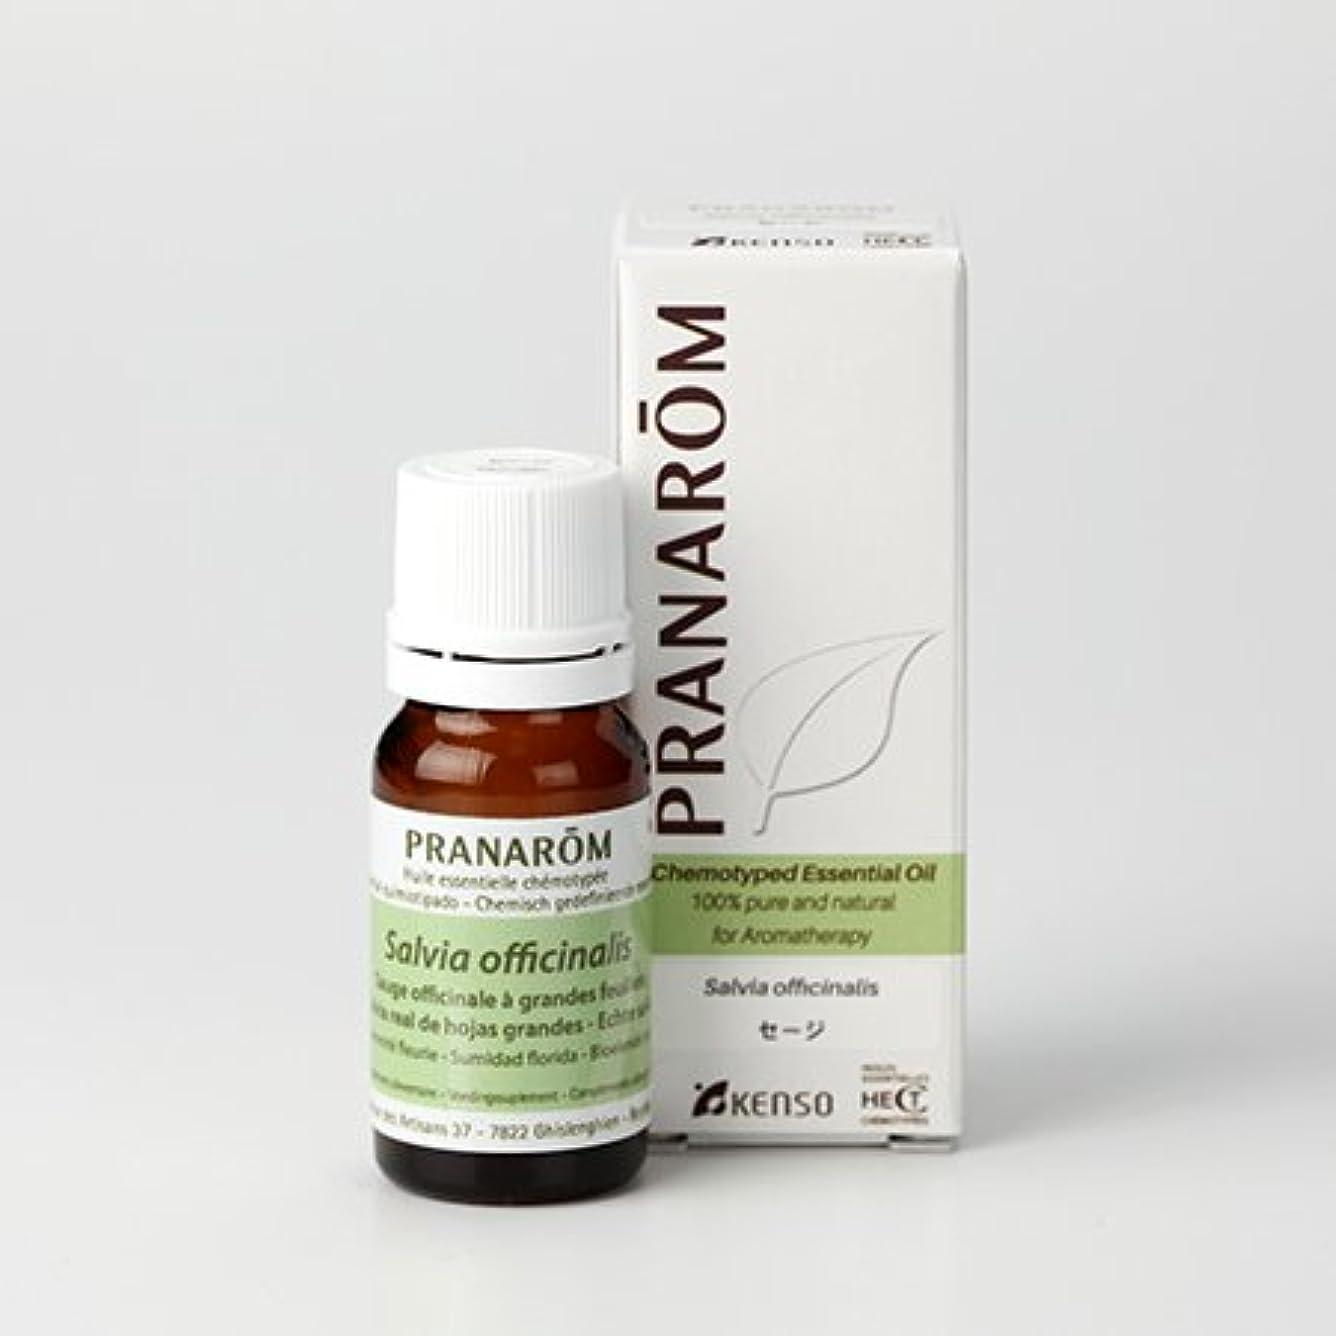 耐久廊下後方【セージ 10ml】→樟脳のようなハッキリとした香り?(リフレッシュハーブ系)[PRANAROM(プラナロム)精油/アロマオイル/エッセンシャルオイル]P-164